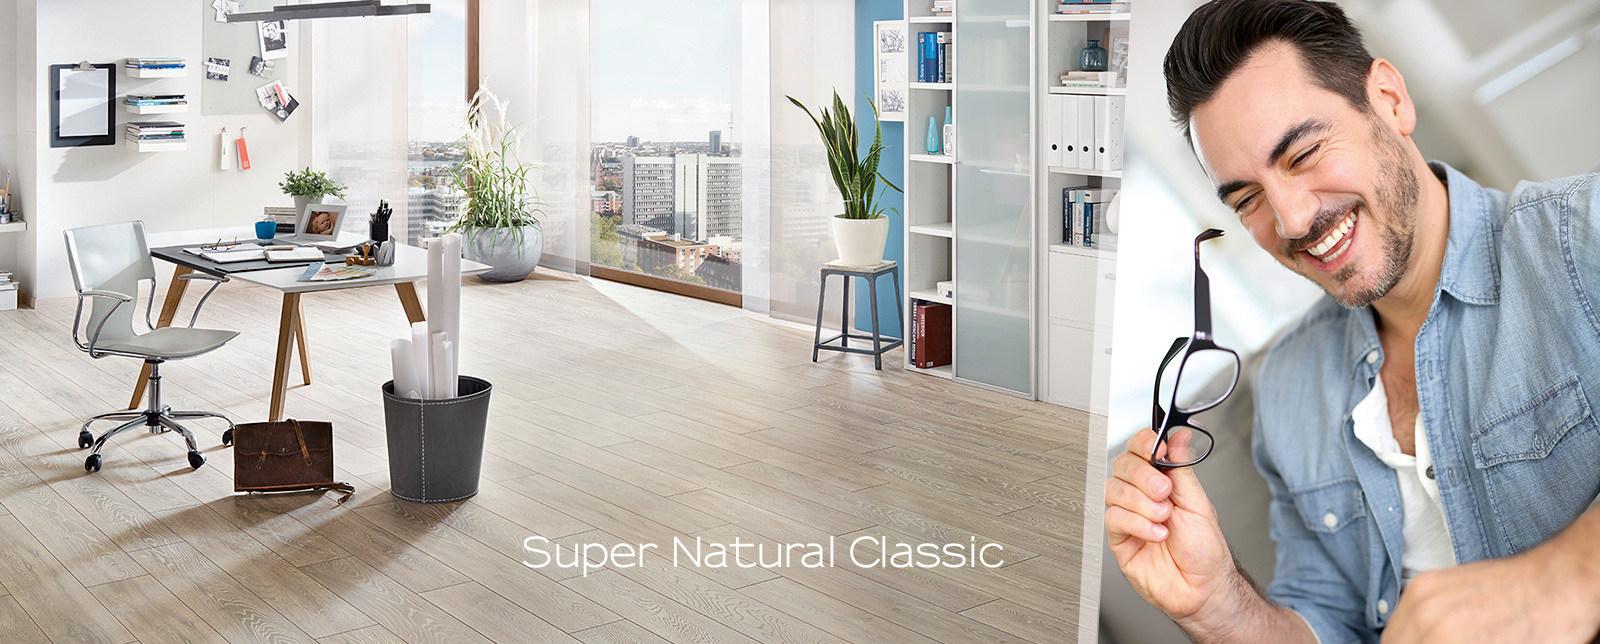 Колекция ламинат - Super natural classic